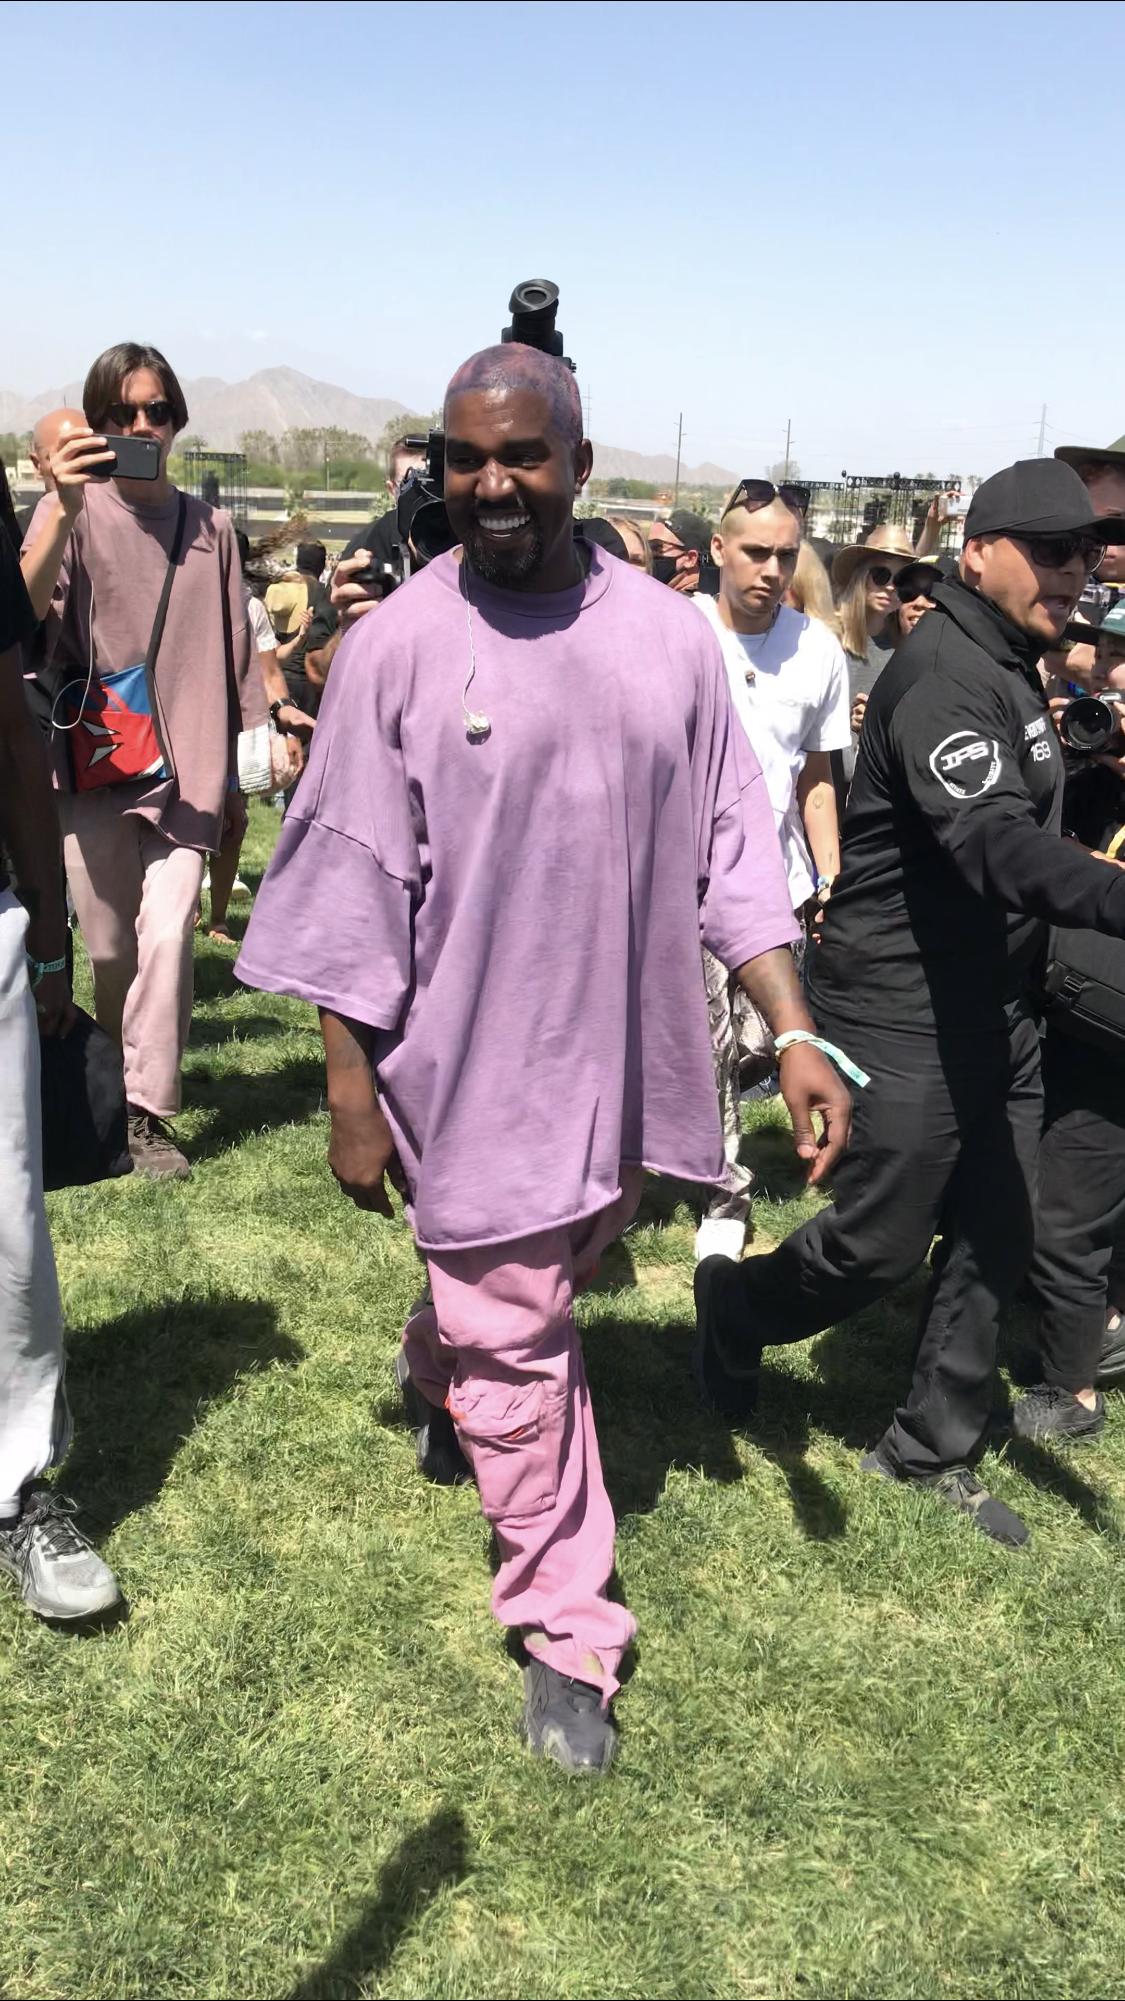 Kanye West Kanye West Sunday Service At Coachella